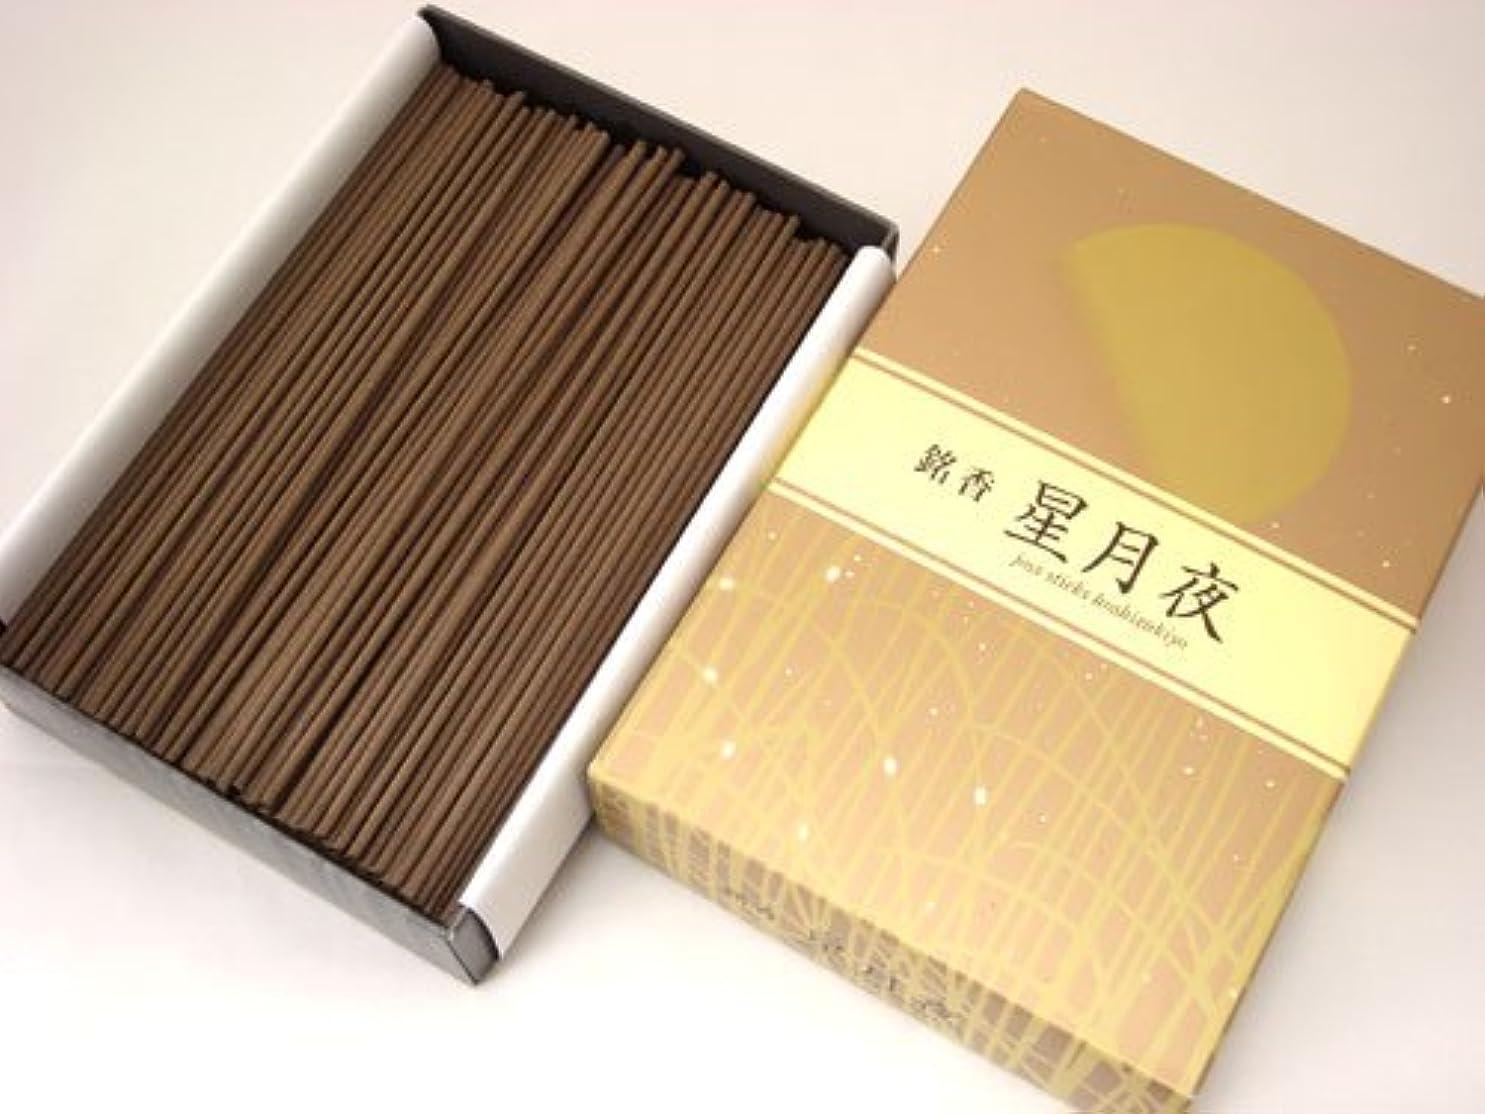 かどうか困惑した自由日本香堂 微煙タイプ【銘香 星月夜(ほしづきよ)】 バラ詰 大箱